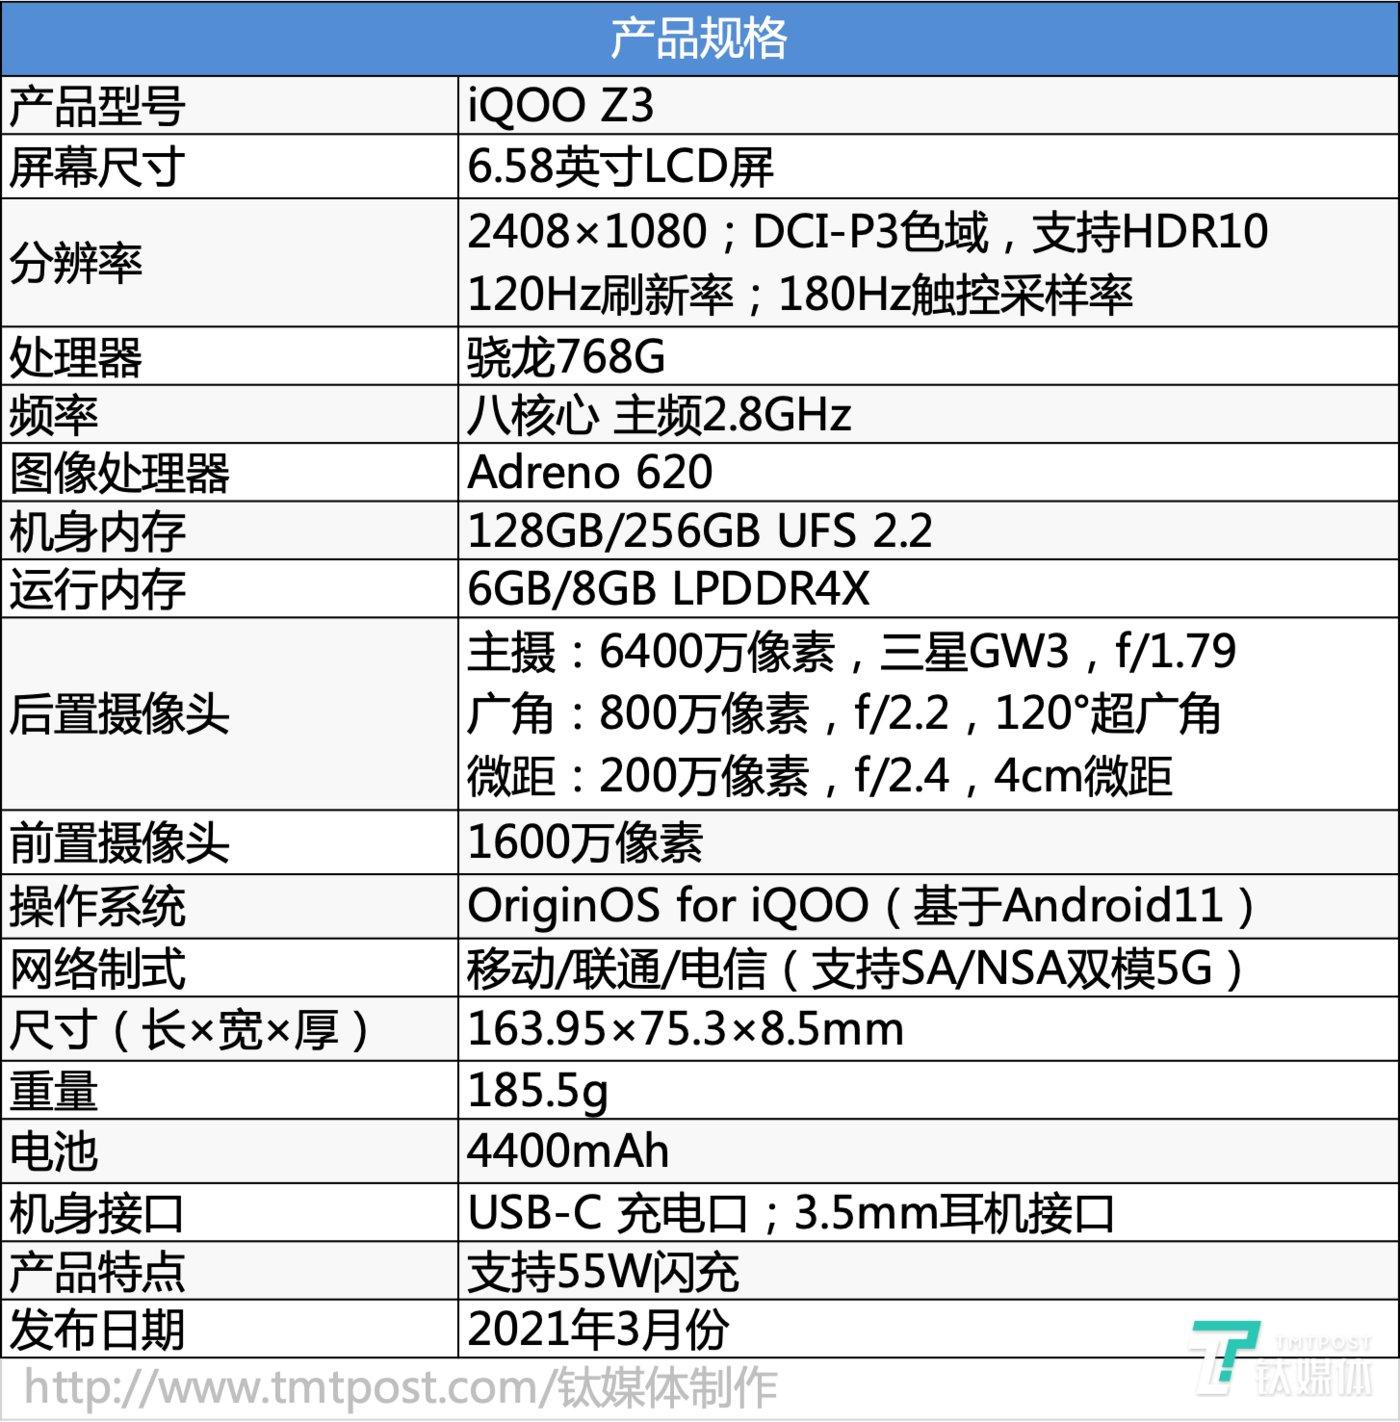 """iQOO Z3体验:55W闪充加持,千元机性价比""""守门员""""丨钛极客"""